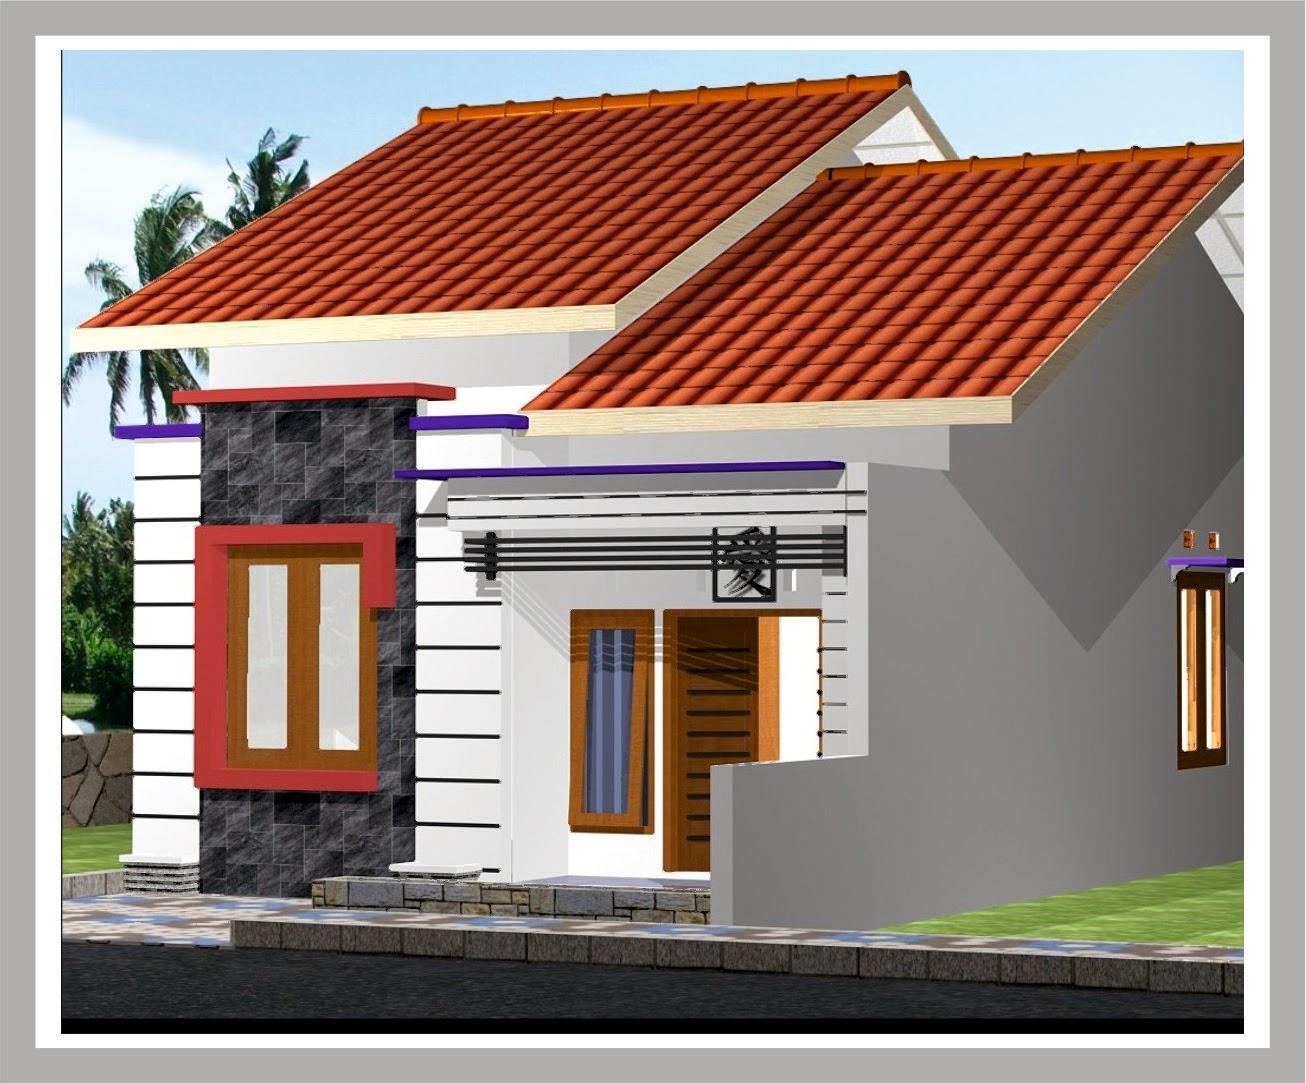 Gambar Desain  Rumah  Minimalis  Sederhana  Wallpaper Dinding